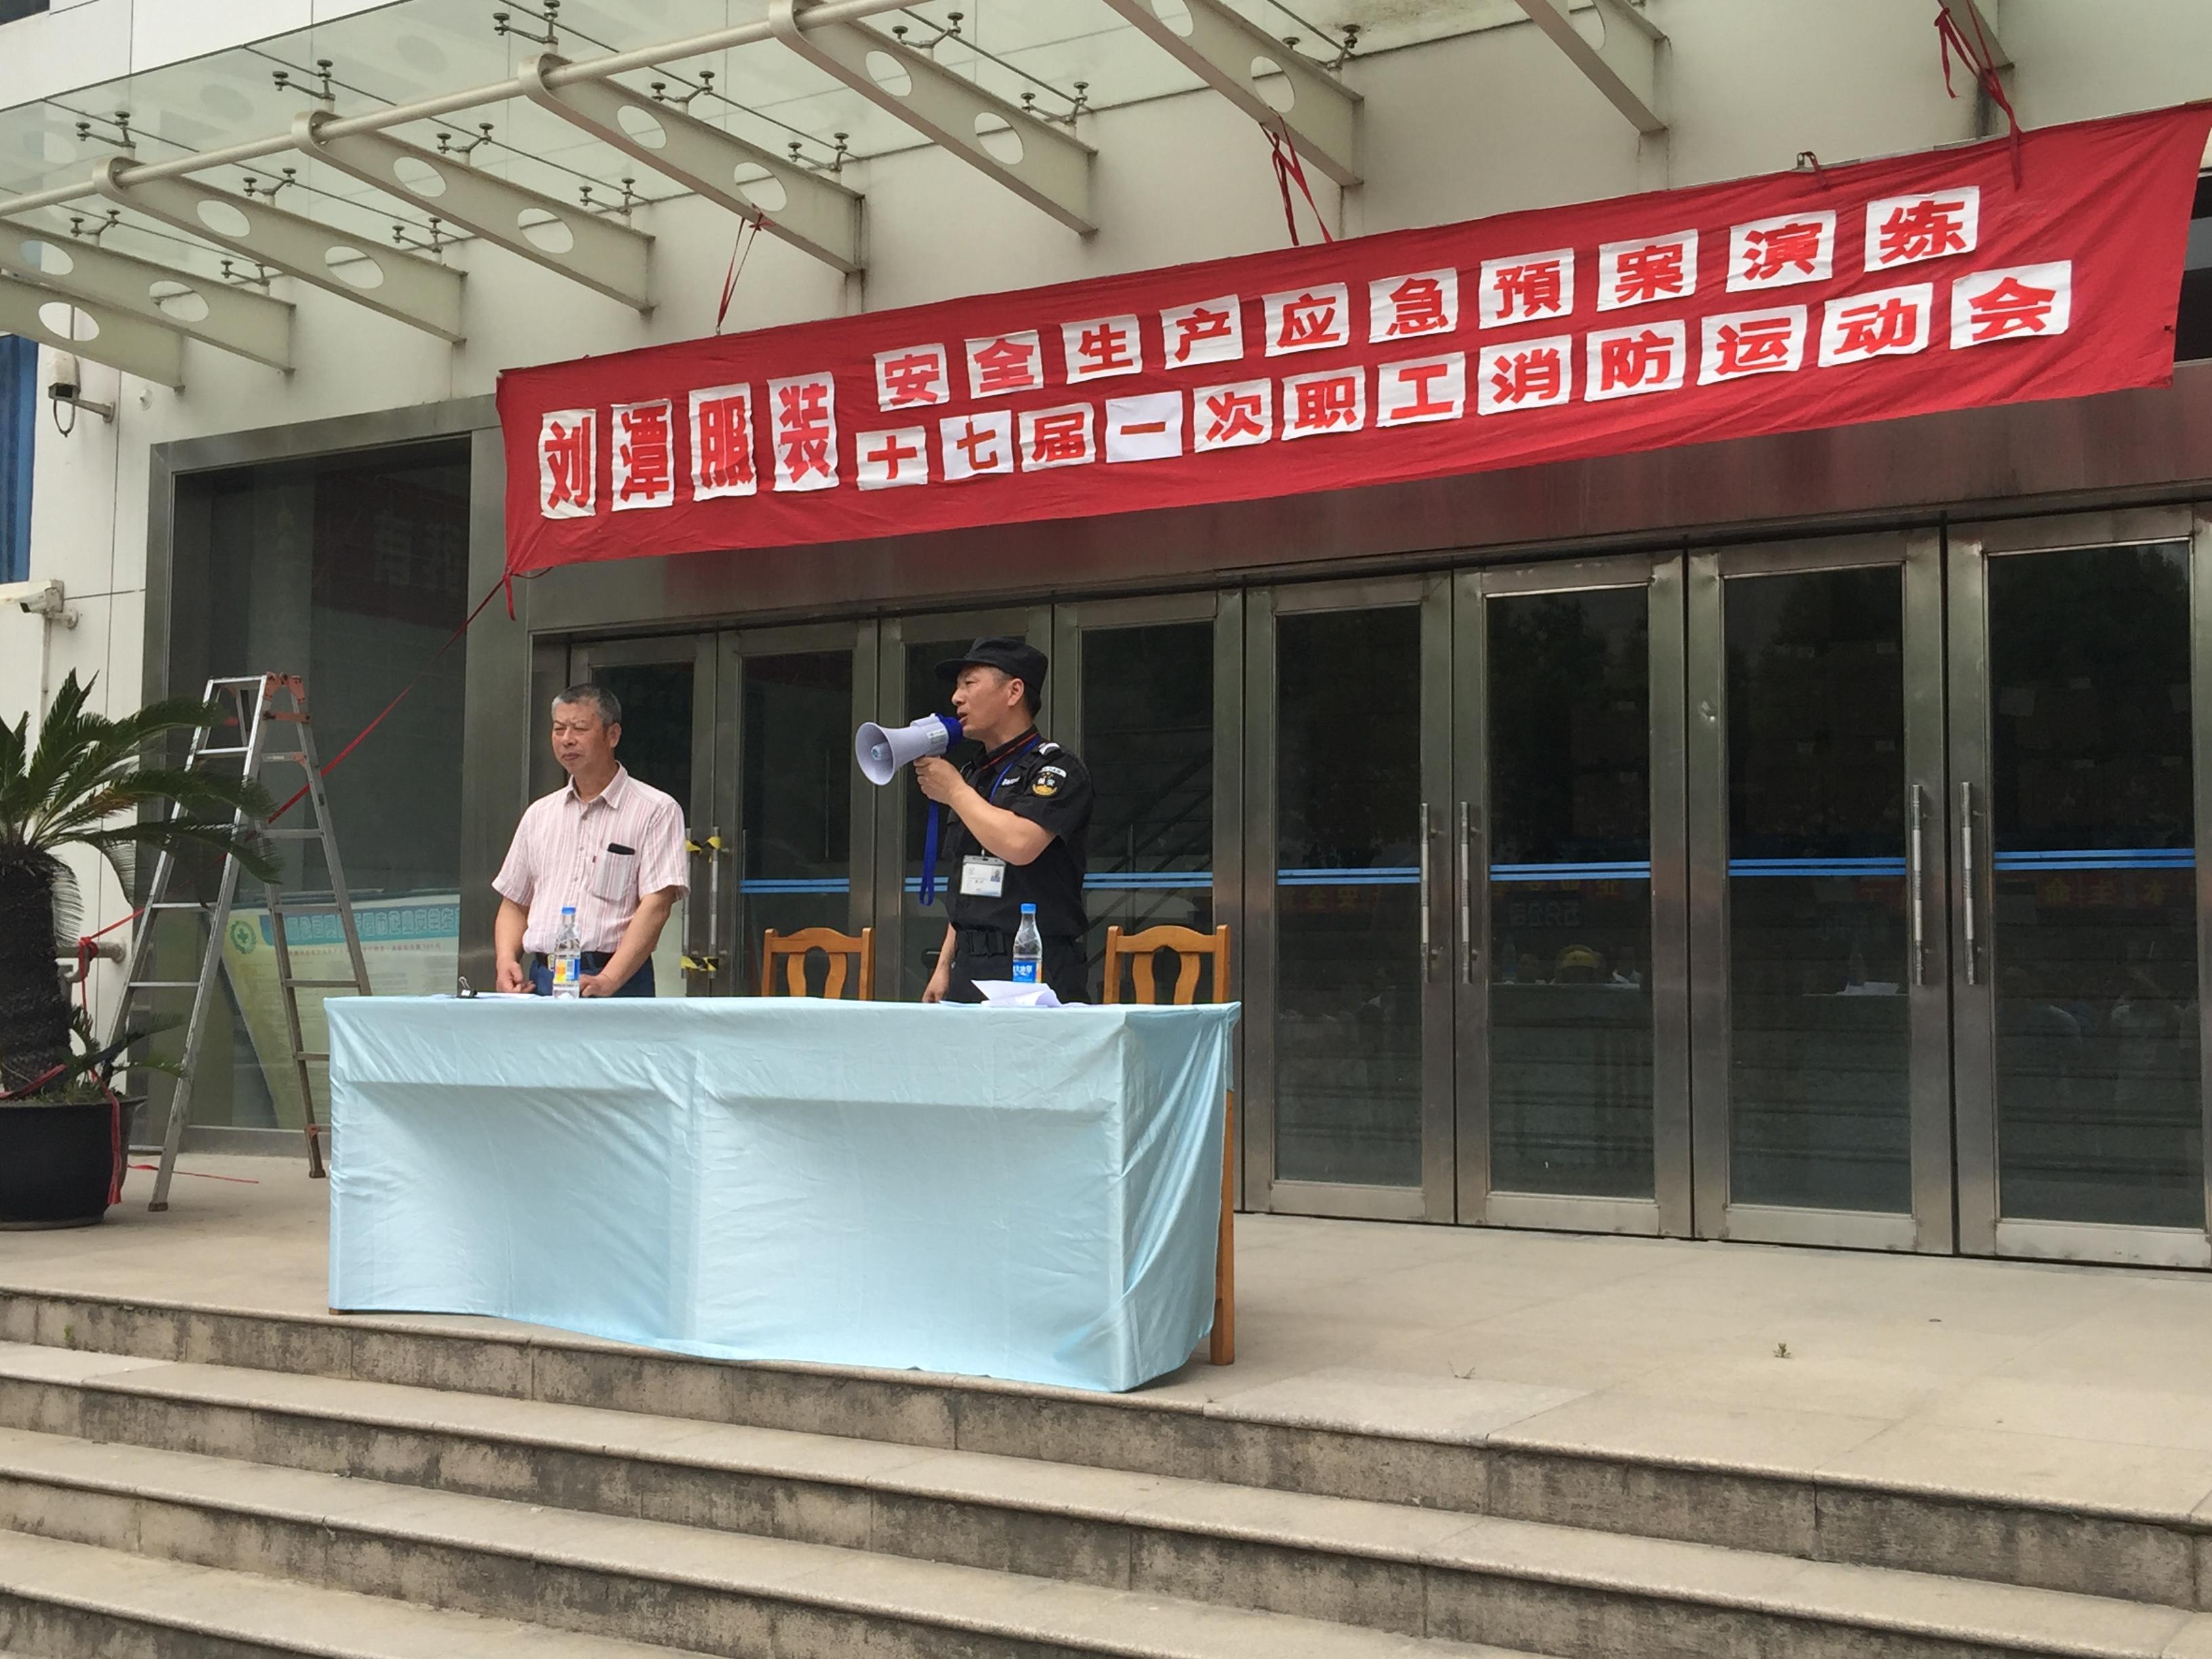 刘潭服装生产加工厂安全生产应急演练职工消防运动会